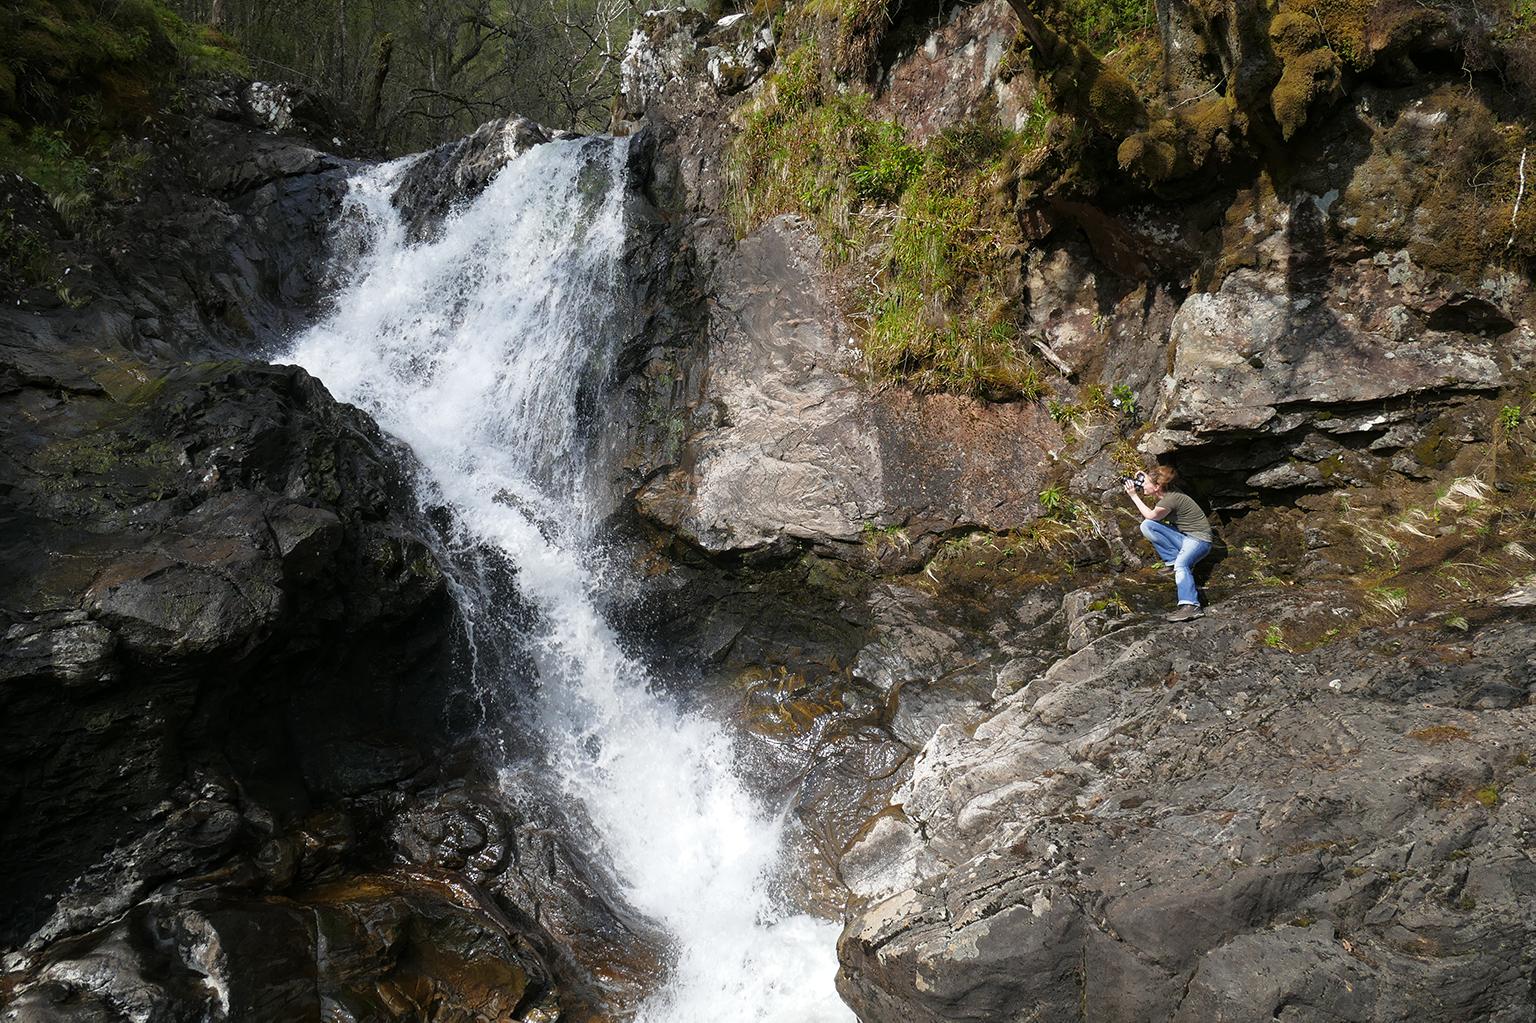 Chia Waterfall, Schottland – Kein Weg zu weit, kein Berg zu hoch, kein Pfad zu steil …